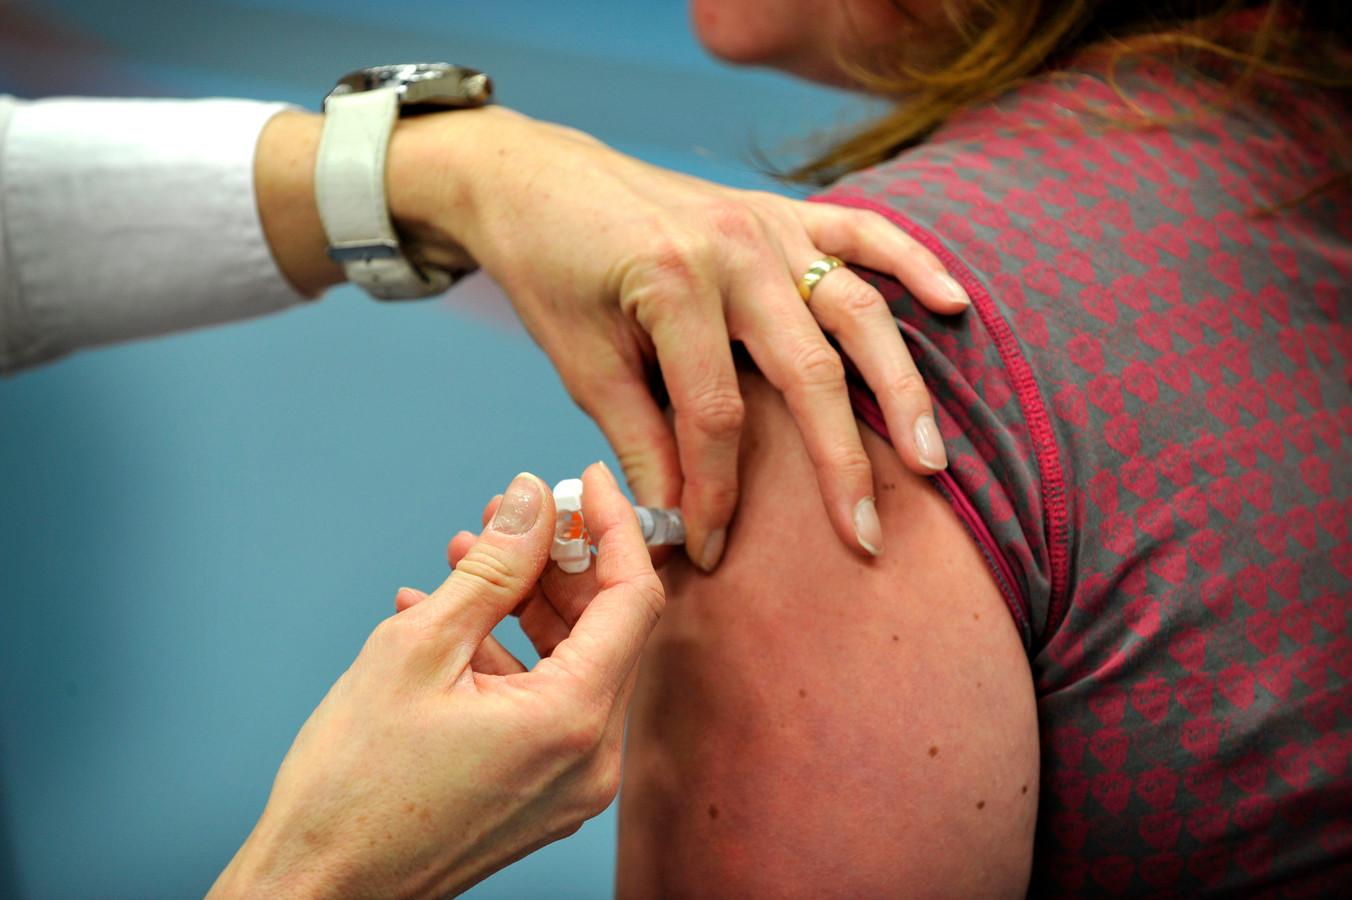 Laat jij je inenten tegen meningokokken? Laat het ons weten.